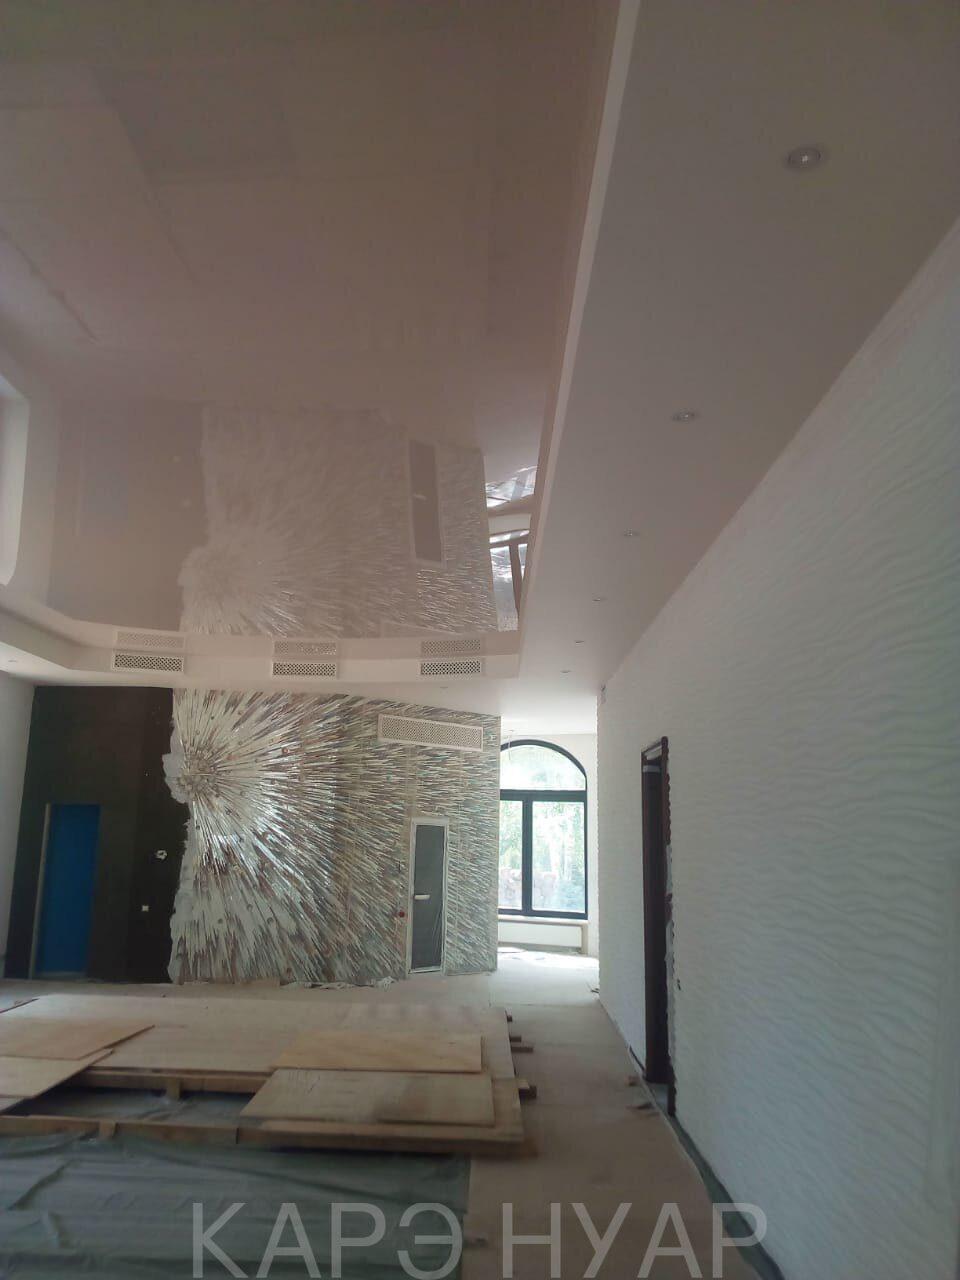 Кессонные потолки из дерева фото ахмадулина